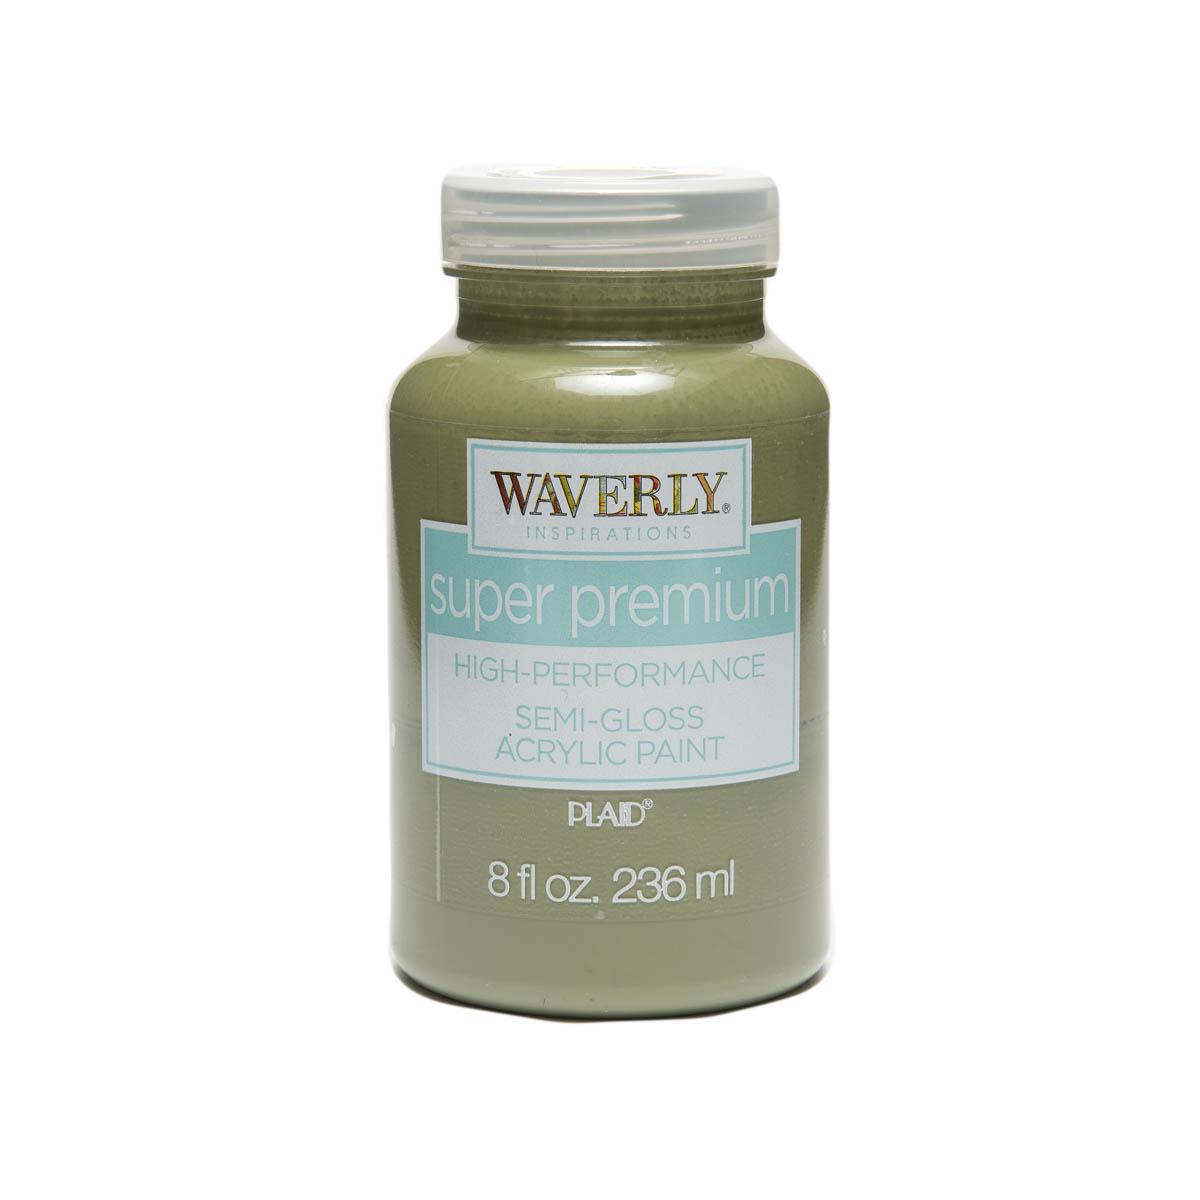 Waverly ® Inspirations Super Premium Semi-Gloss Acrylic Paint - Moss, 8 oz. - 60913E